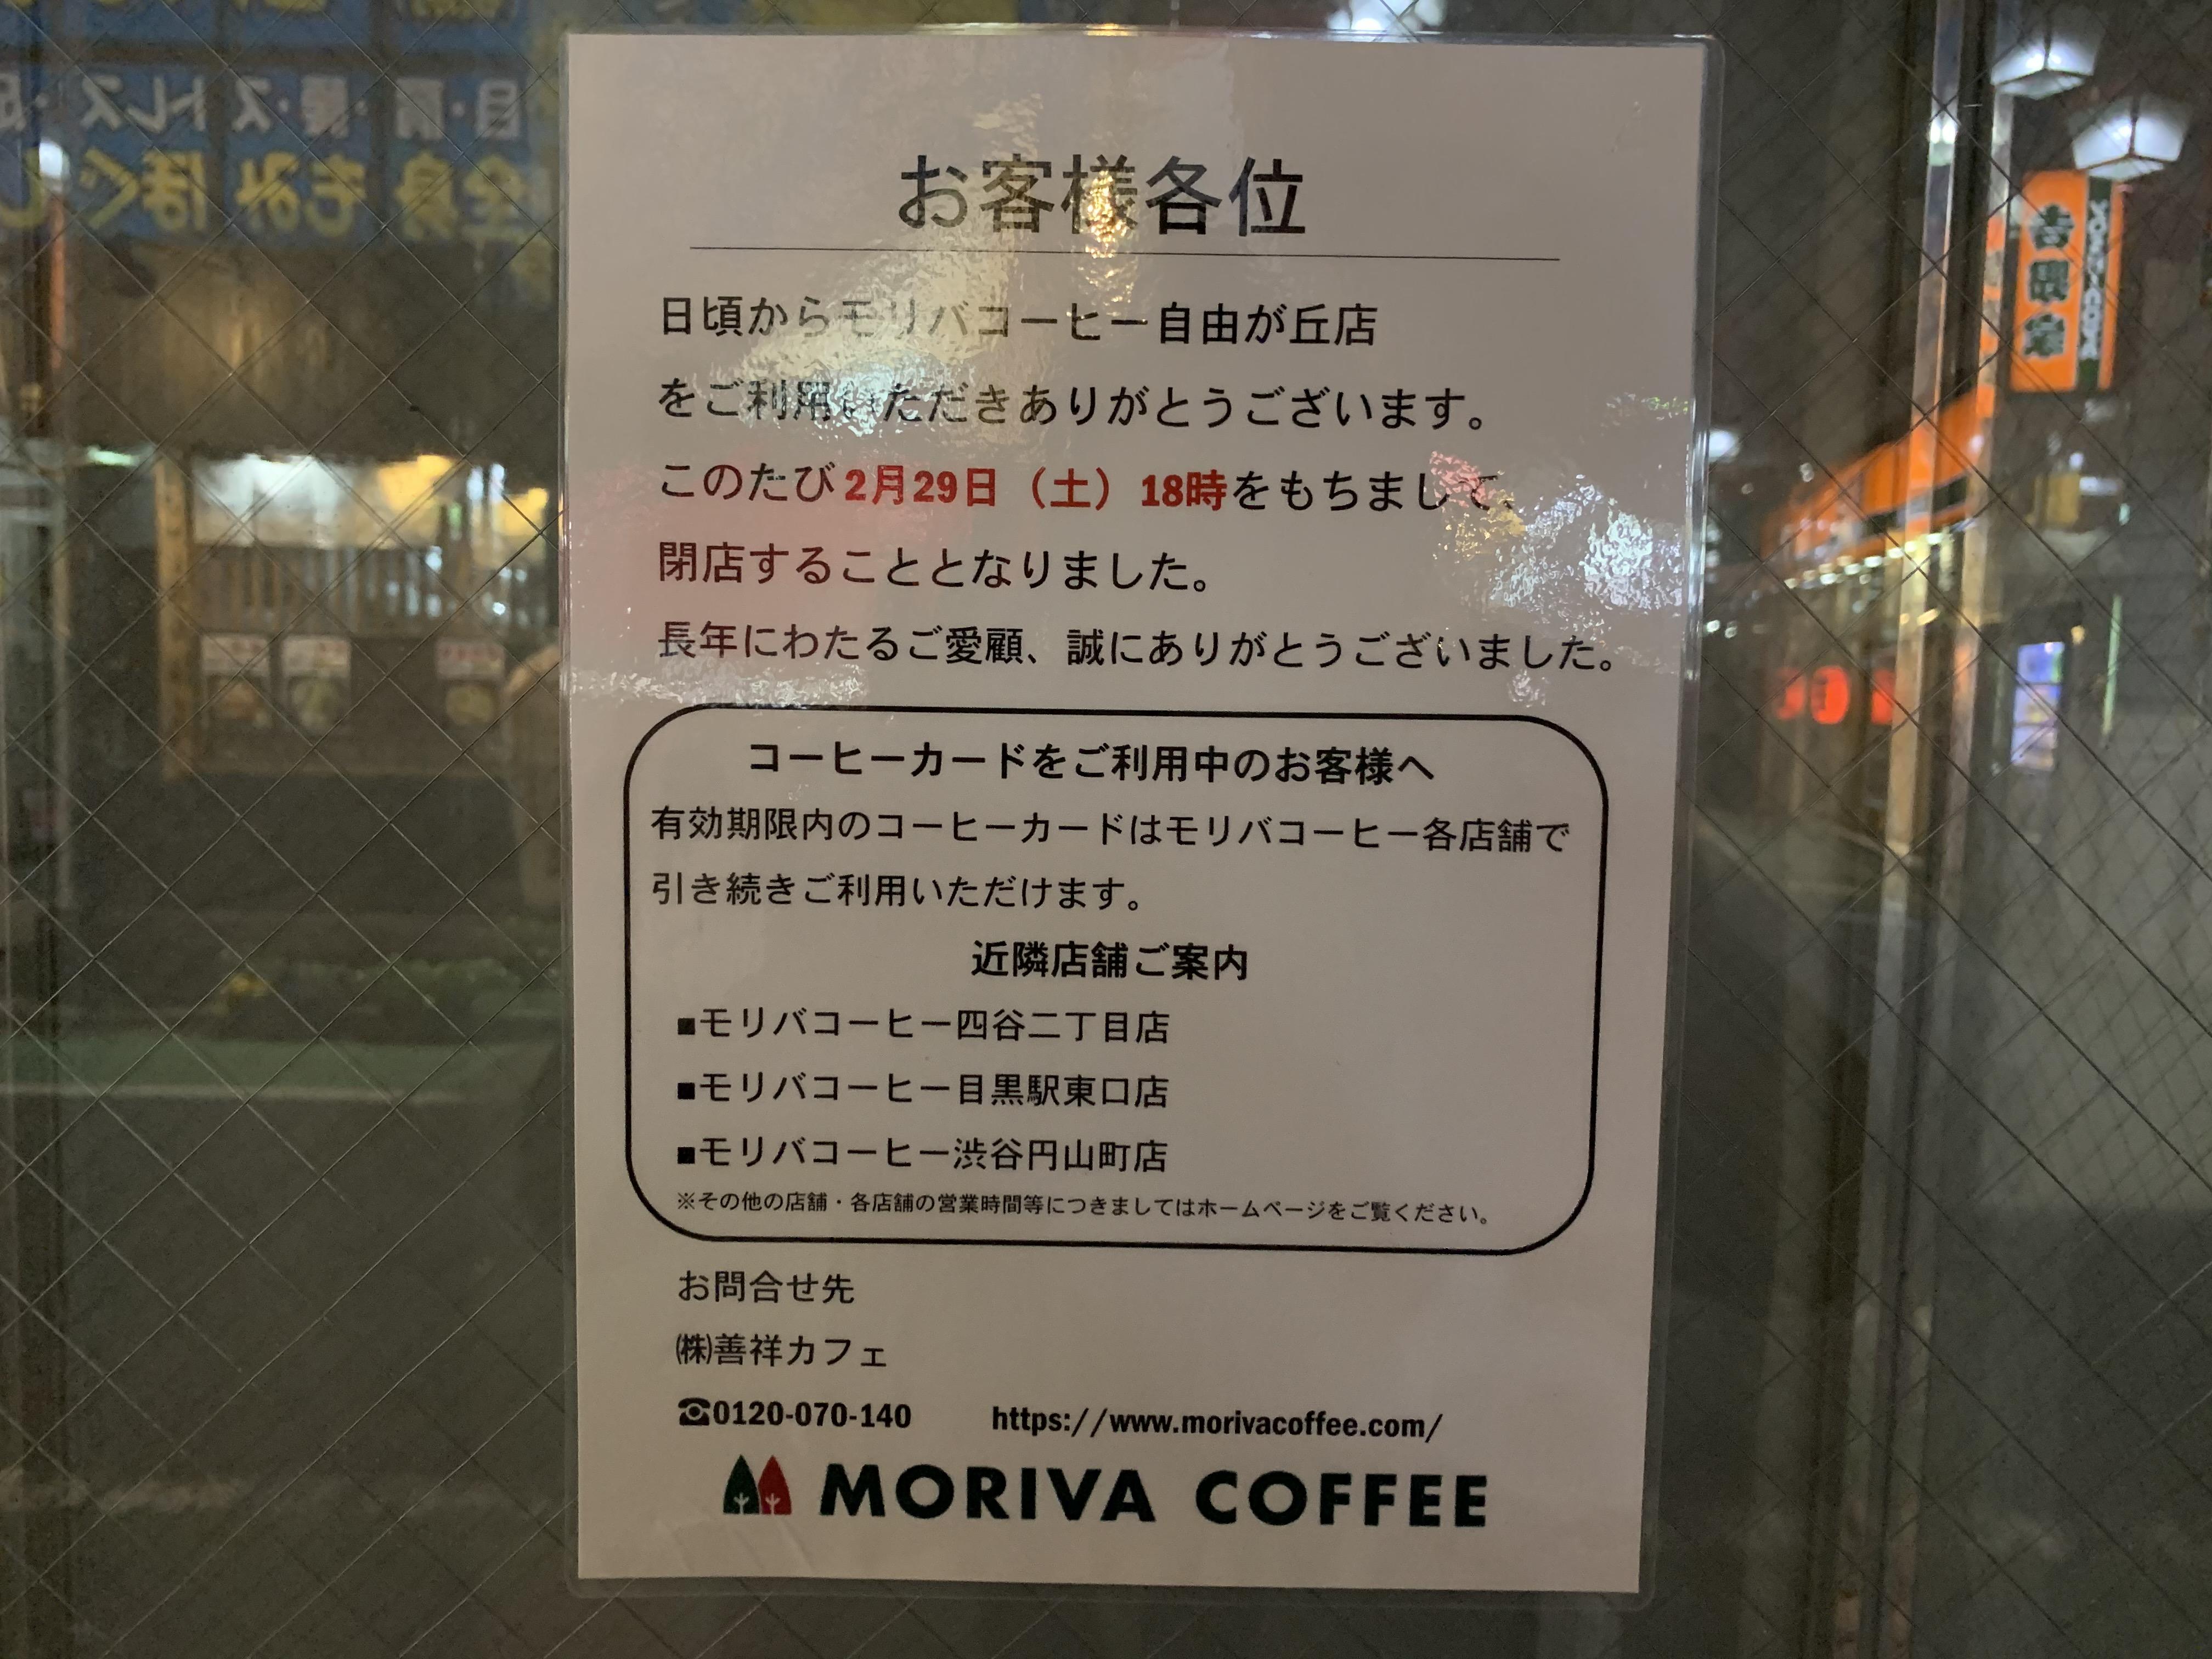 モリバコーヒー,自由が丘,一丁目,閉店